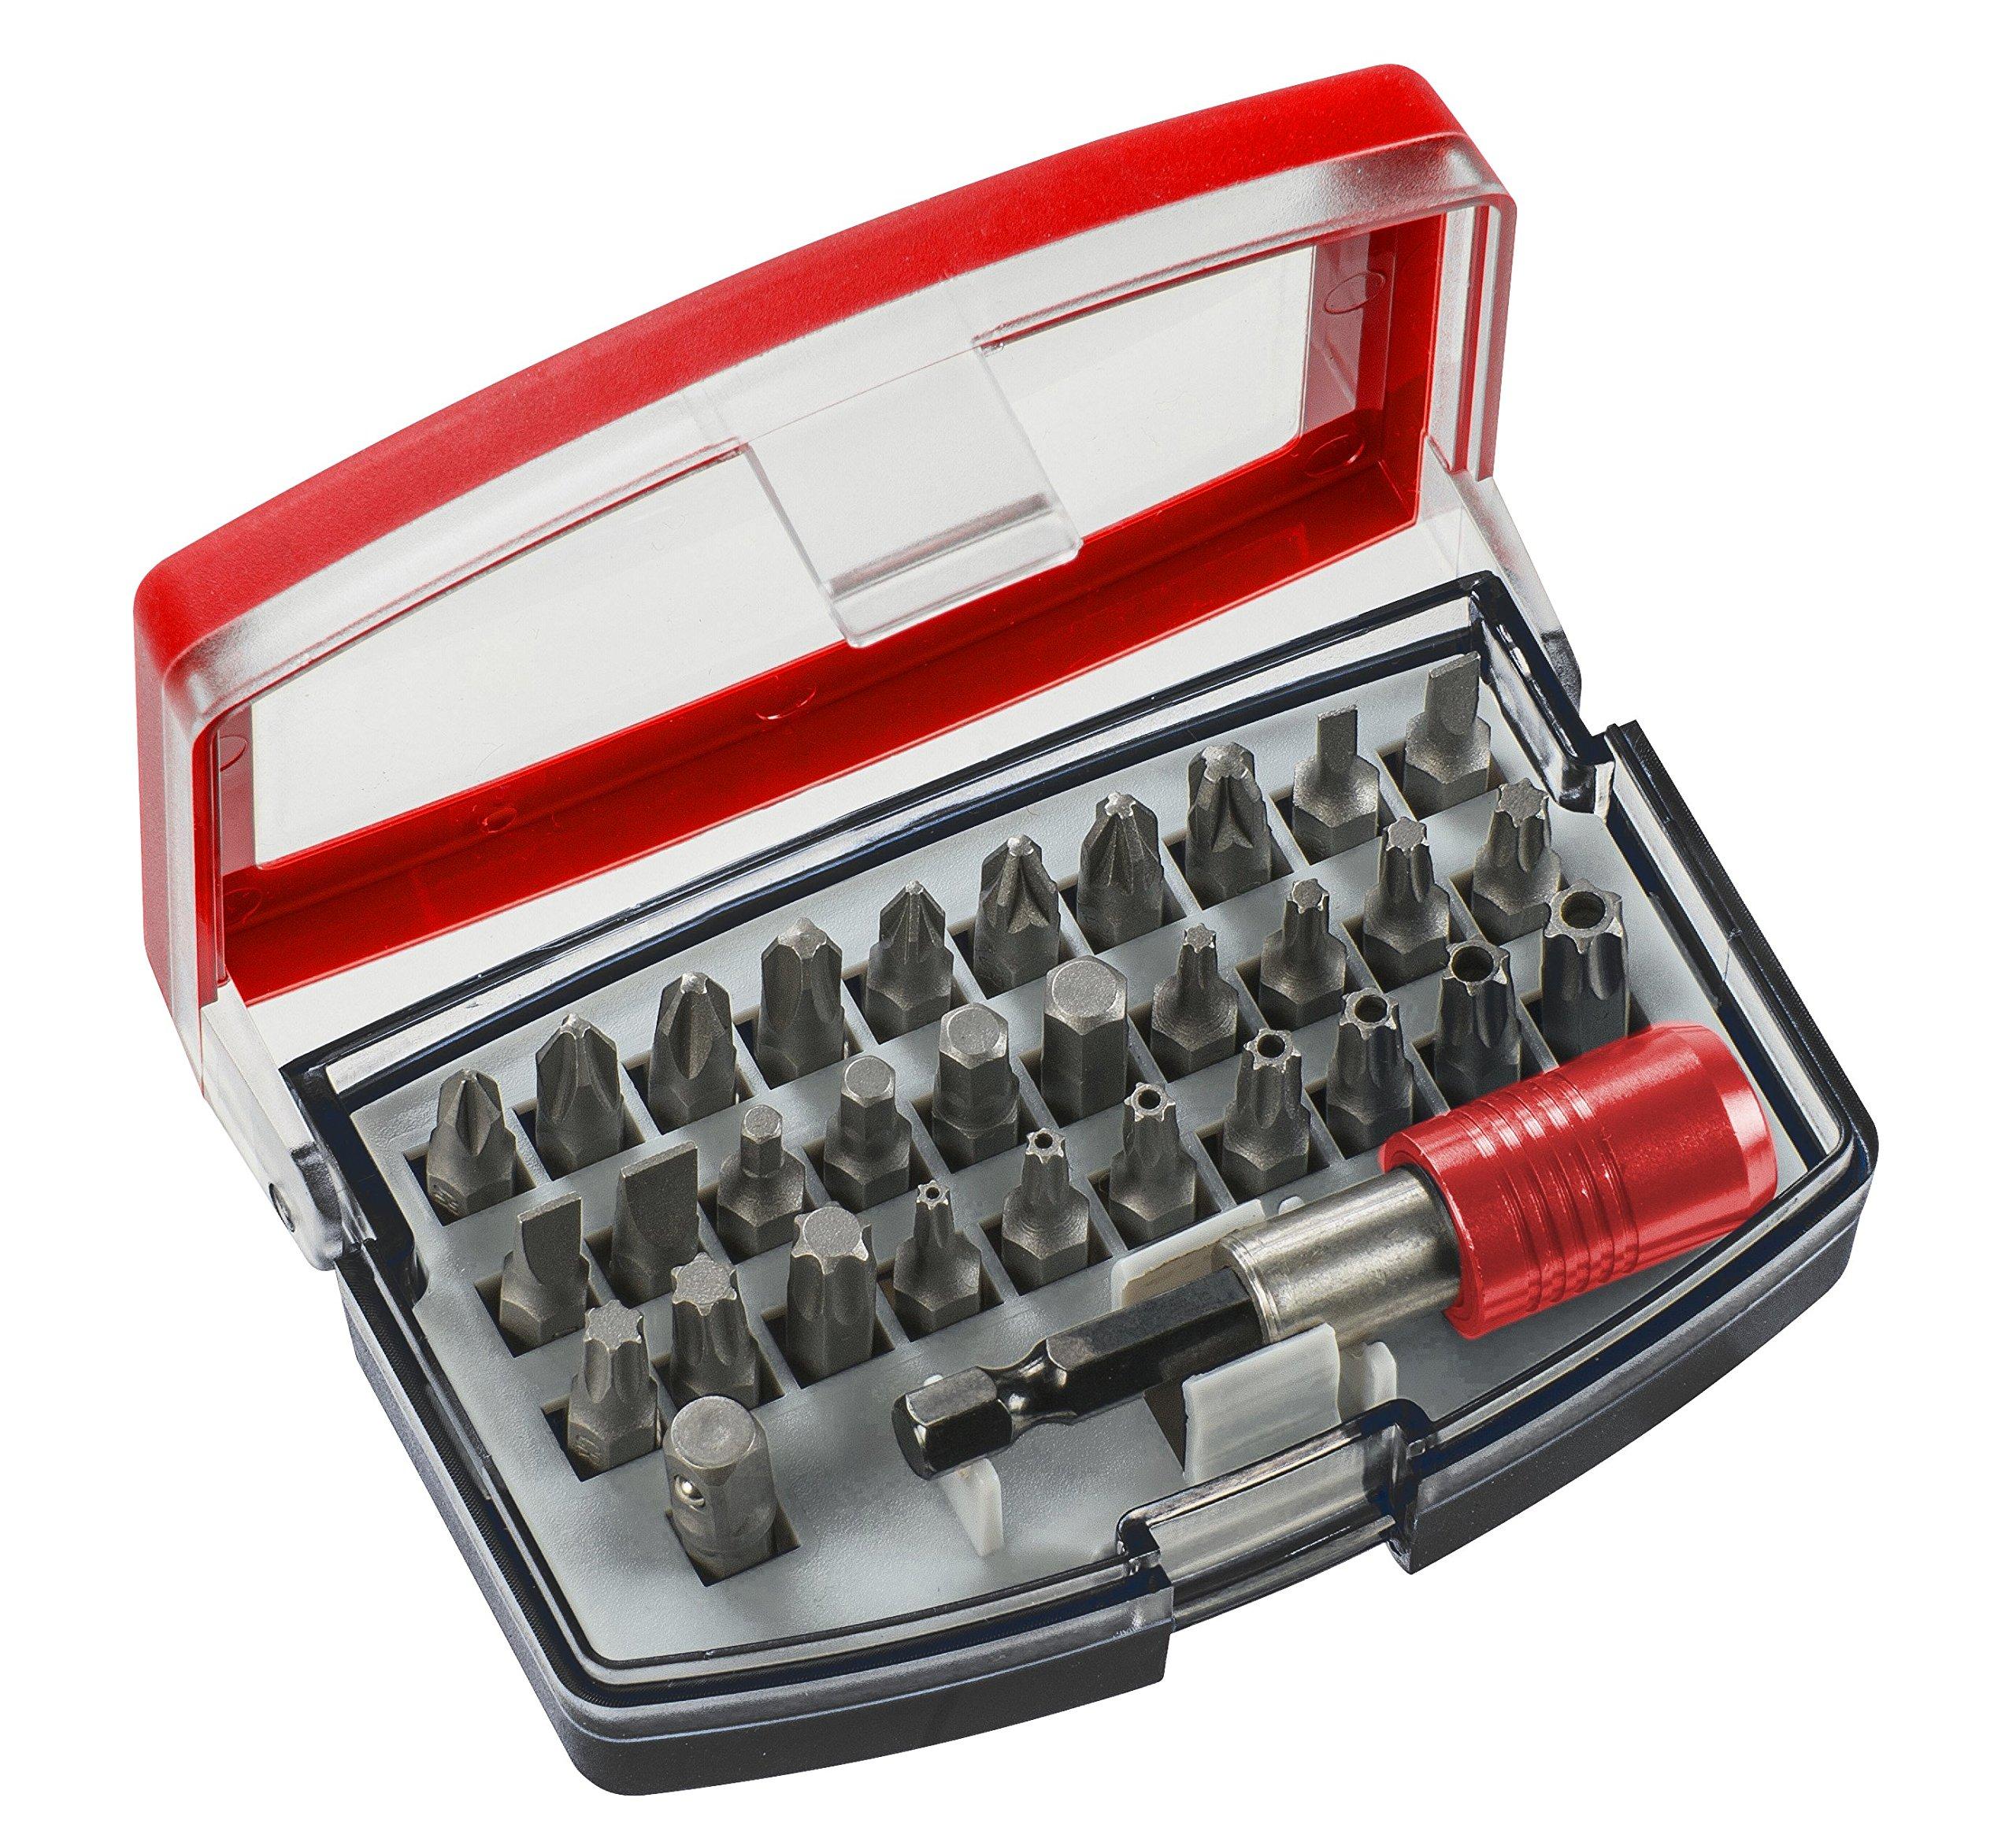 91L38wSfE3L - KWB GERMANY GMBH 118490 - Bit box con puntas de 32 piezas, acero al cromo-vanadio